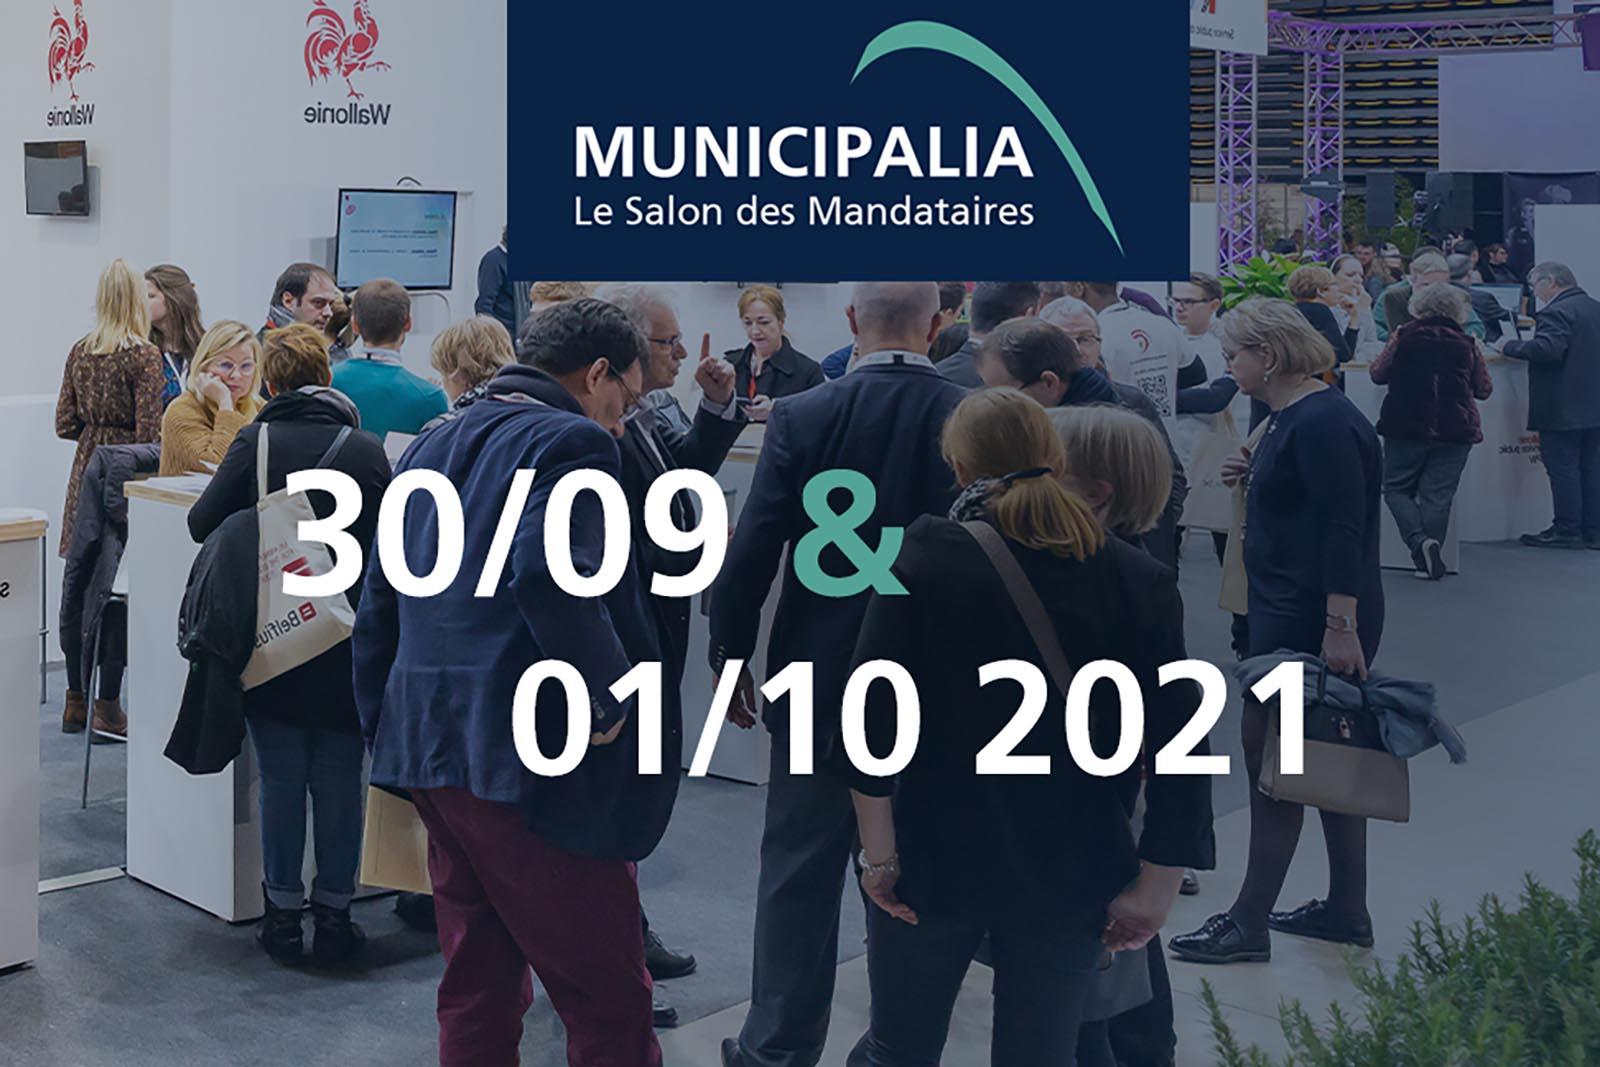 Municipalia – Salon des Mandataires te Marche-en-Famenne (30/09-01/10)